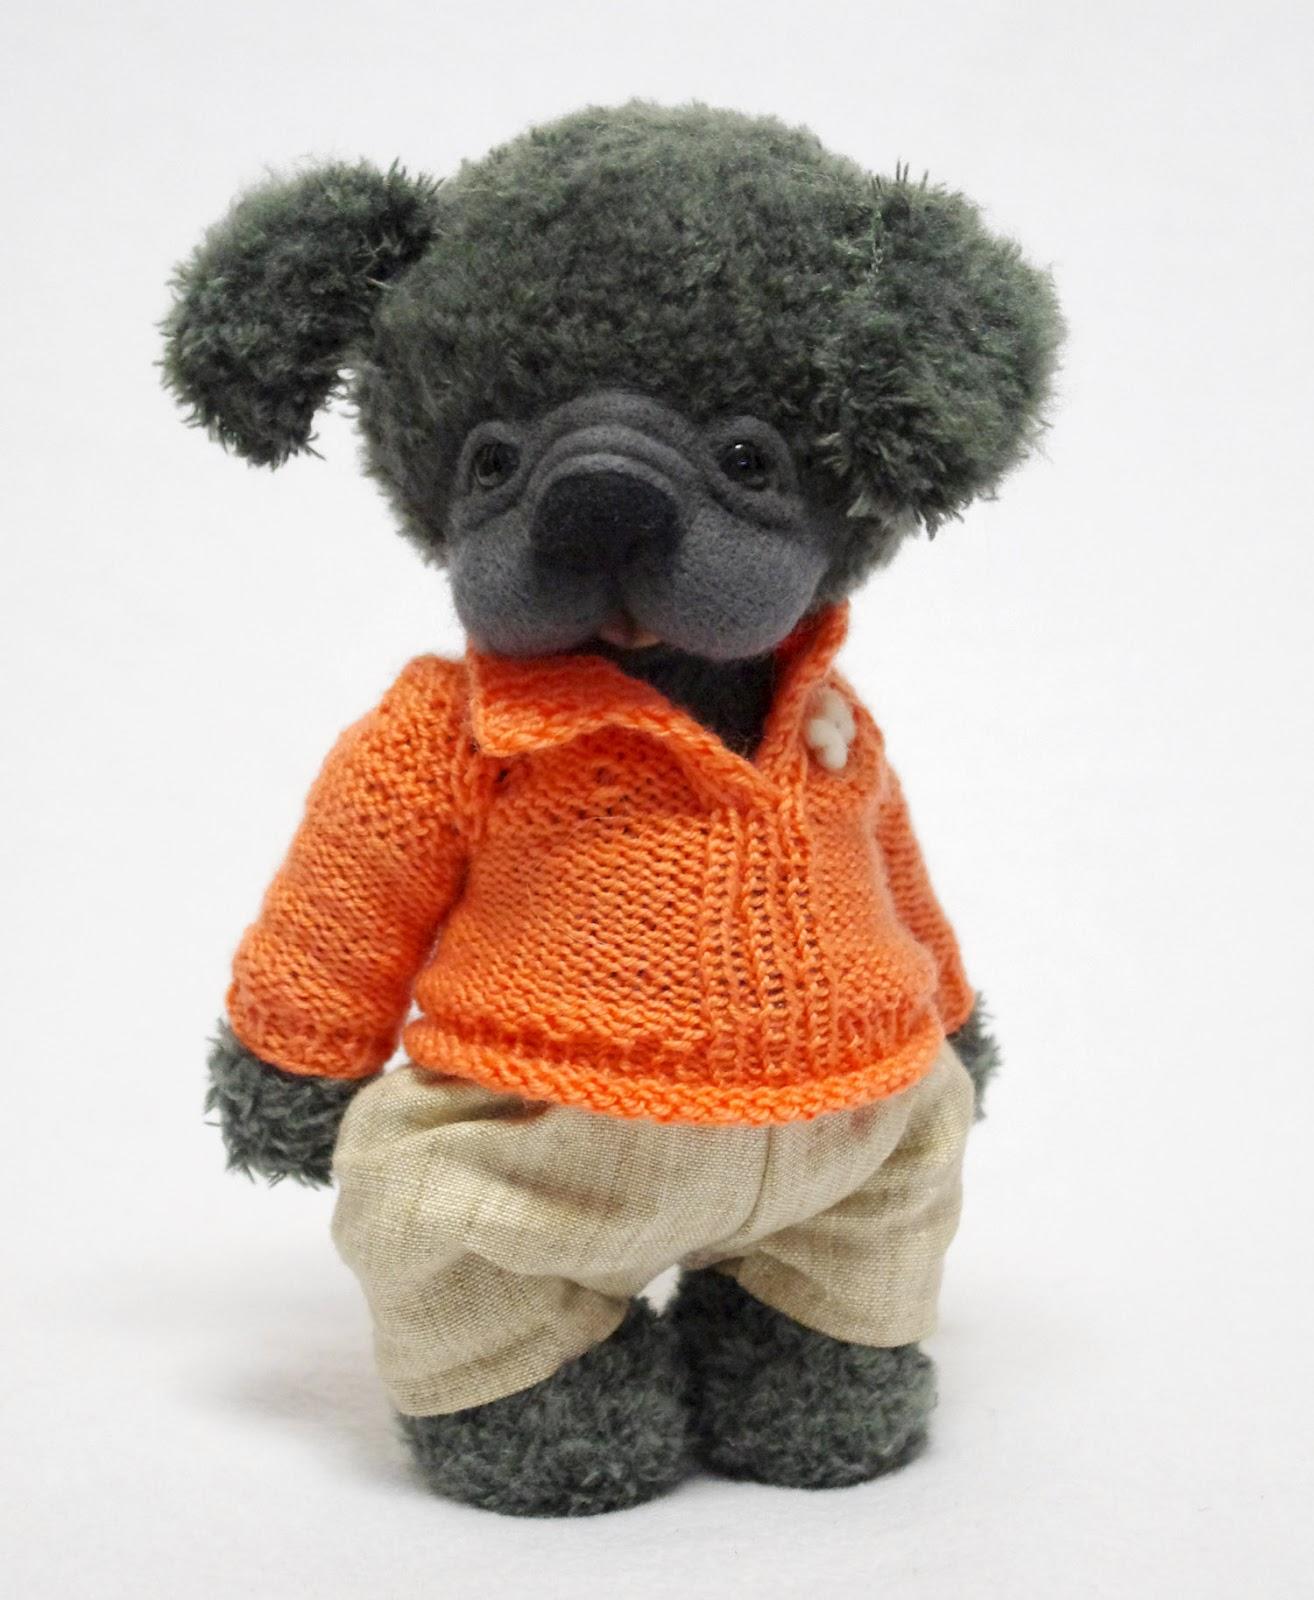 собачка,  пёсик, мишка тедди, друзья тедди, авторские игрушки,  игрушки ручной работы, собачка в одежке